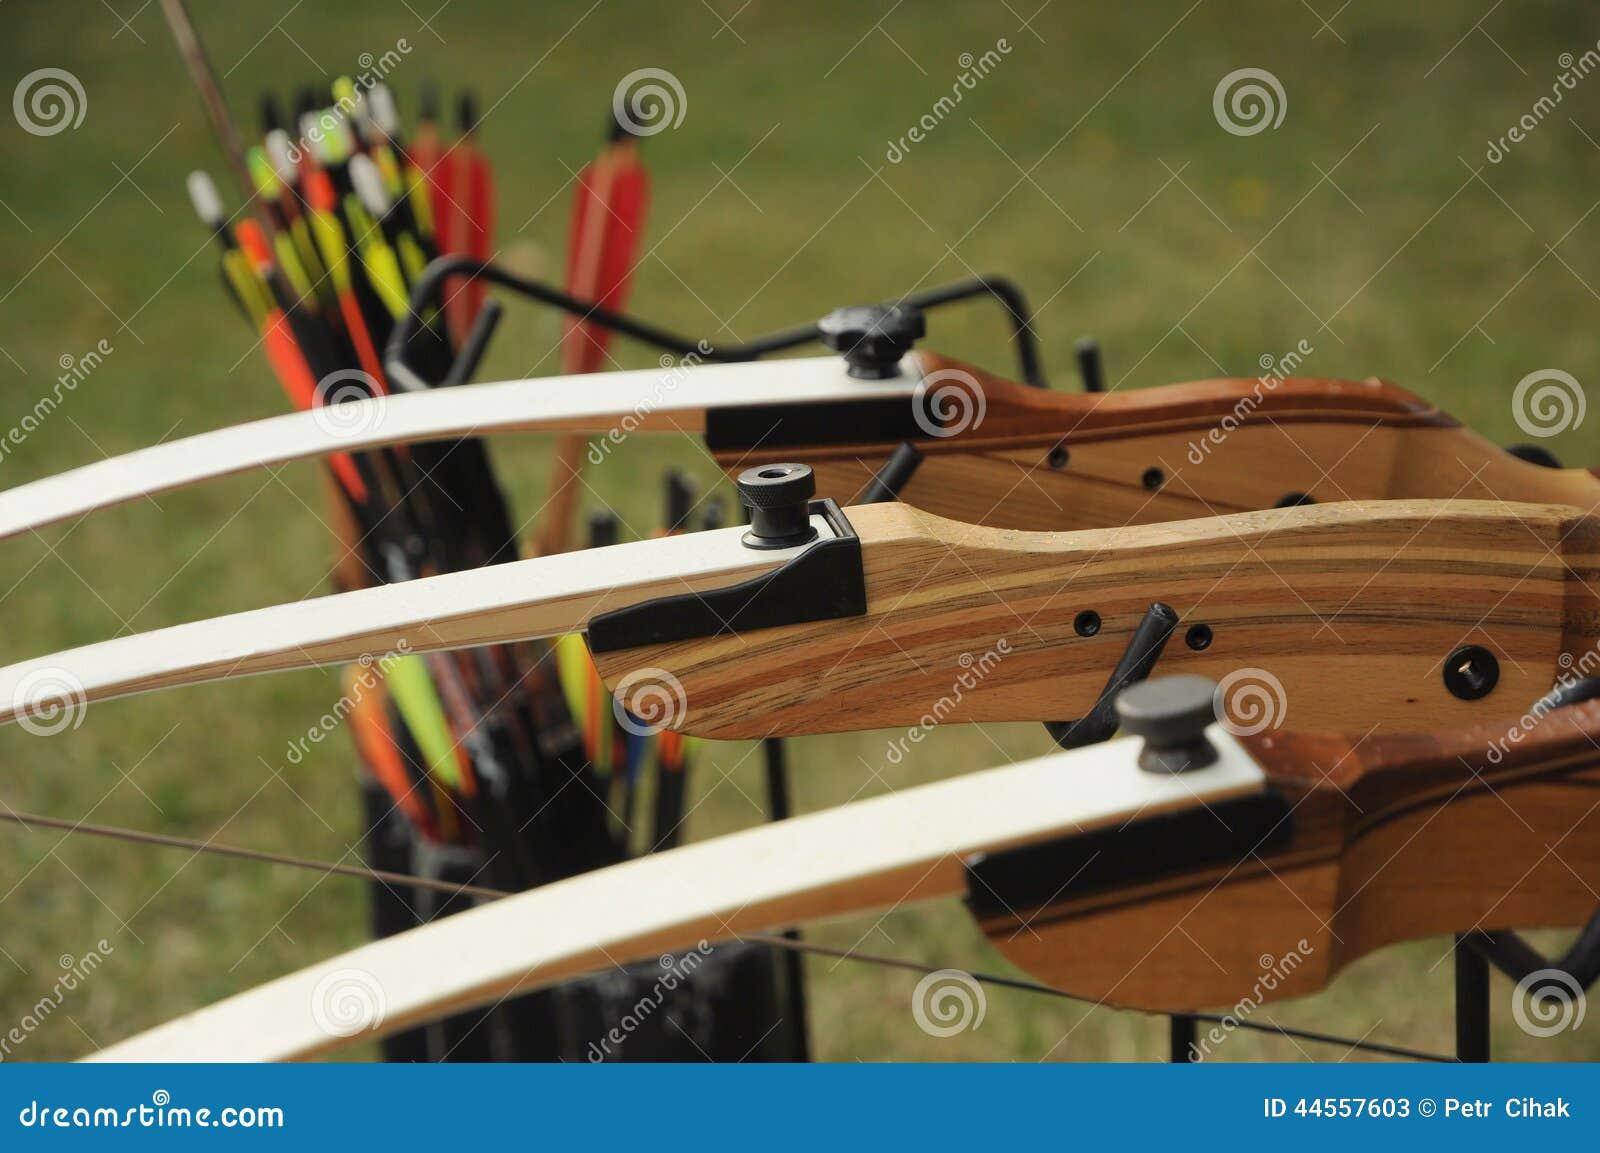 Sport archery